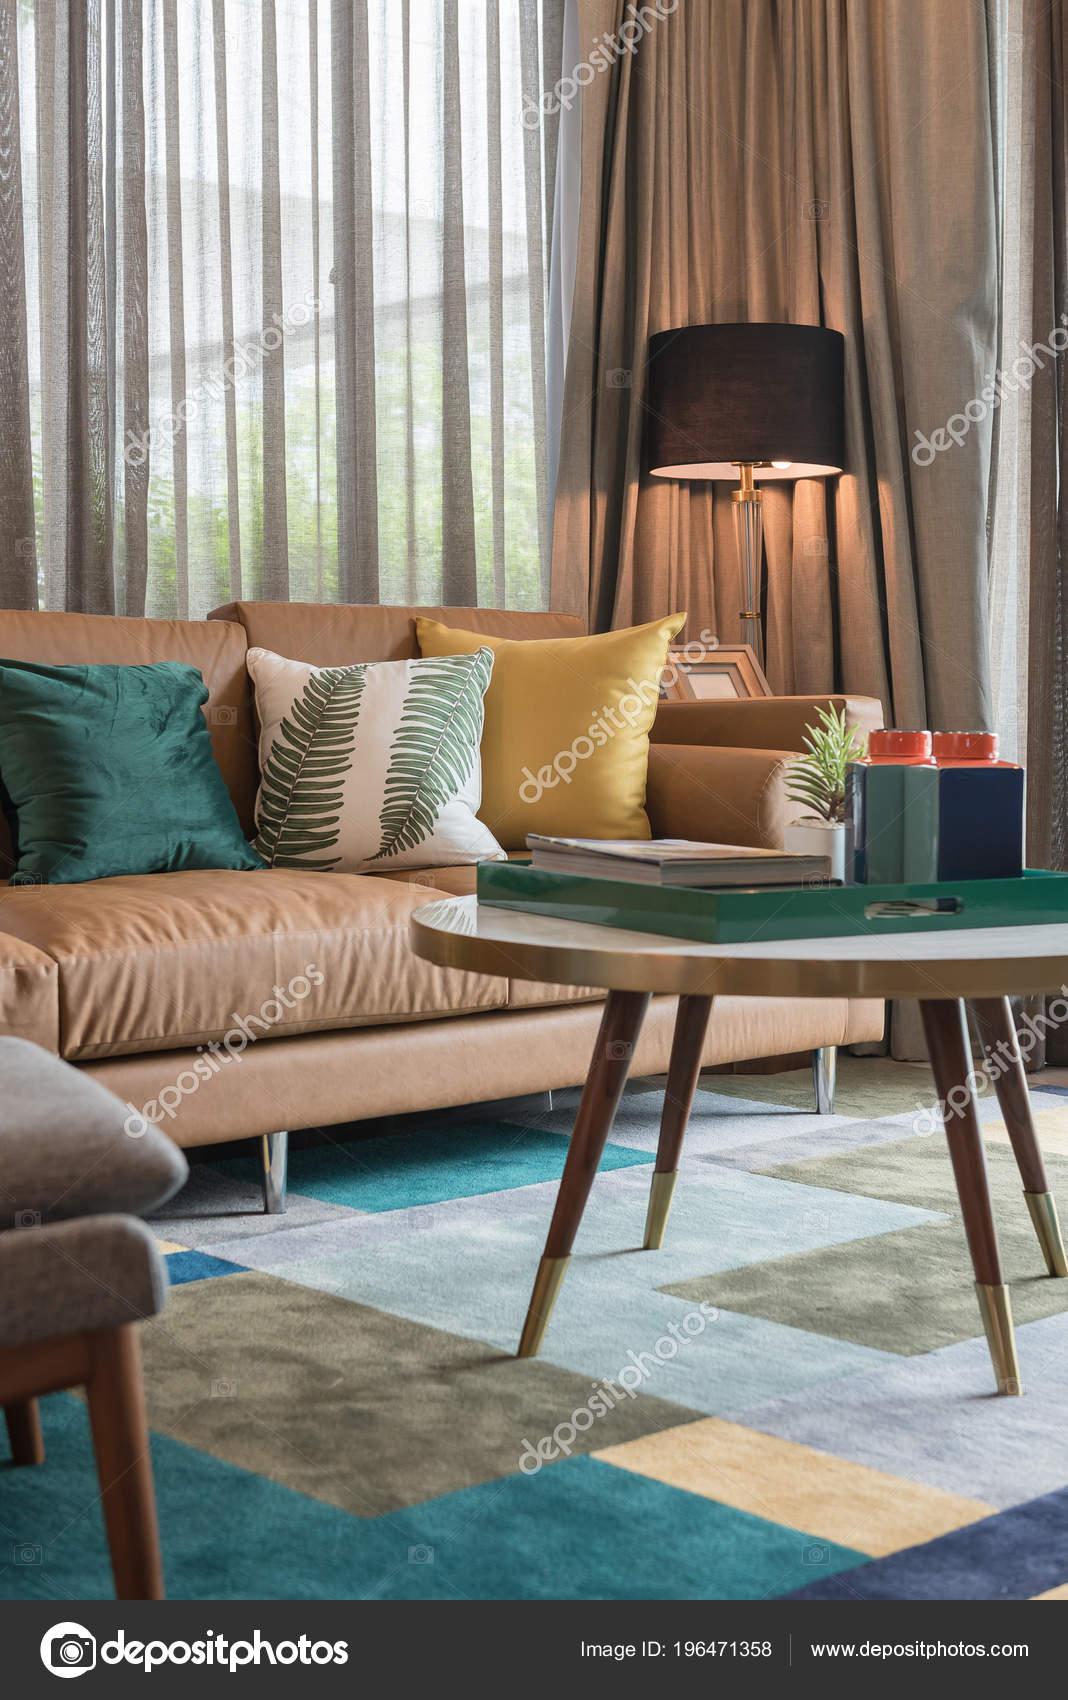 Wunderbar Moderne Wohnzimmer Stil Mit Kissen Auf Braunen Sofa Inneneinrichtung Design  U2014 Stockfoto